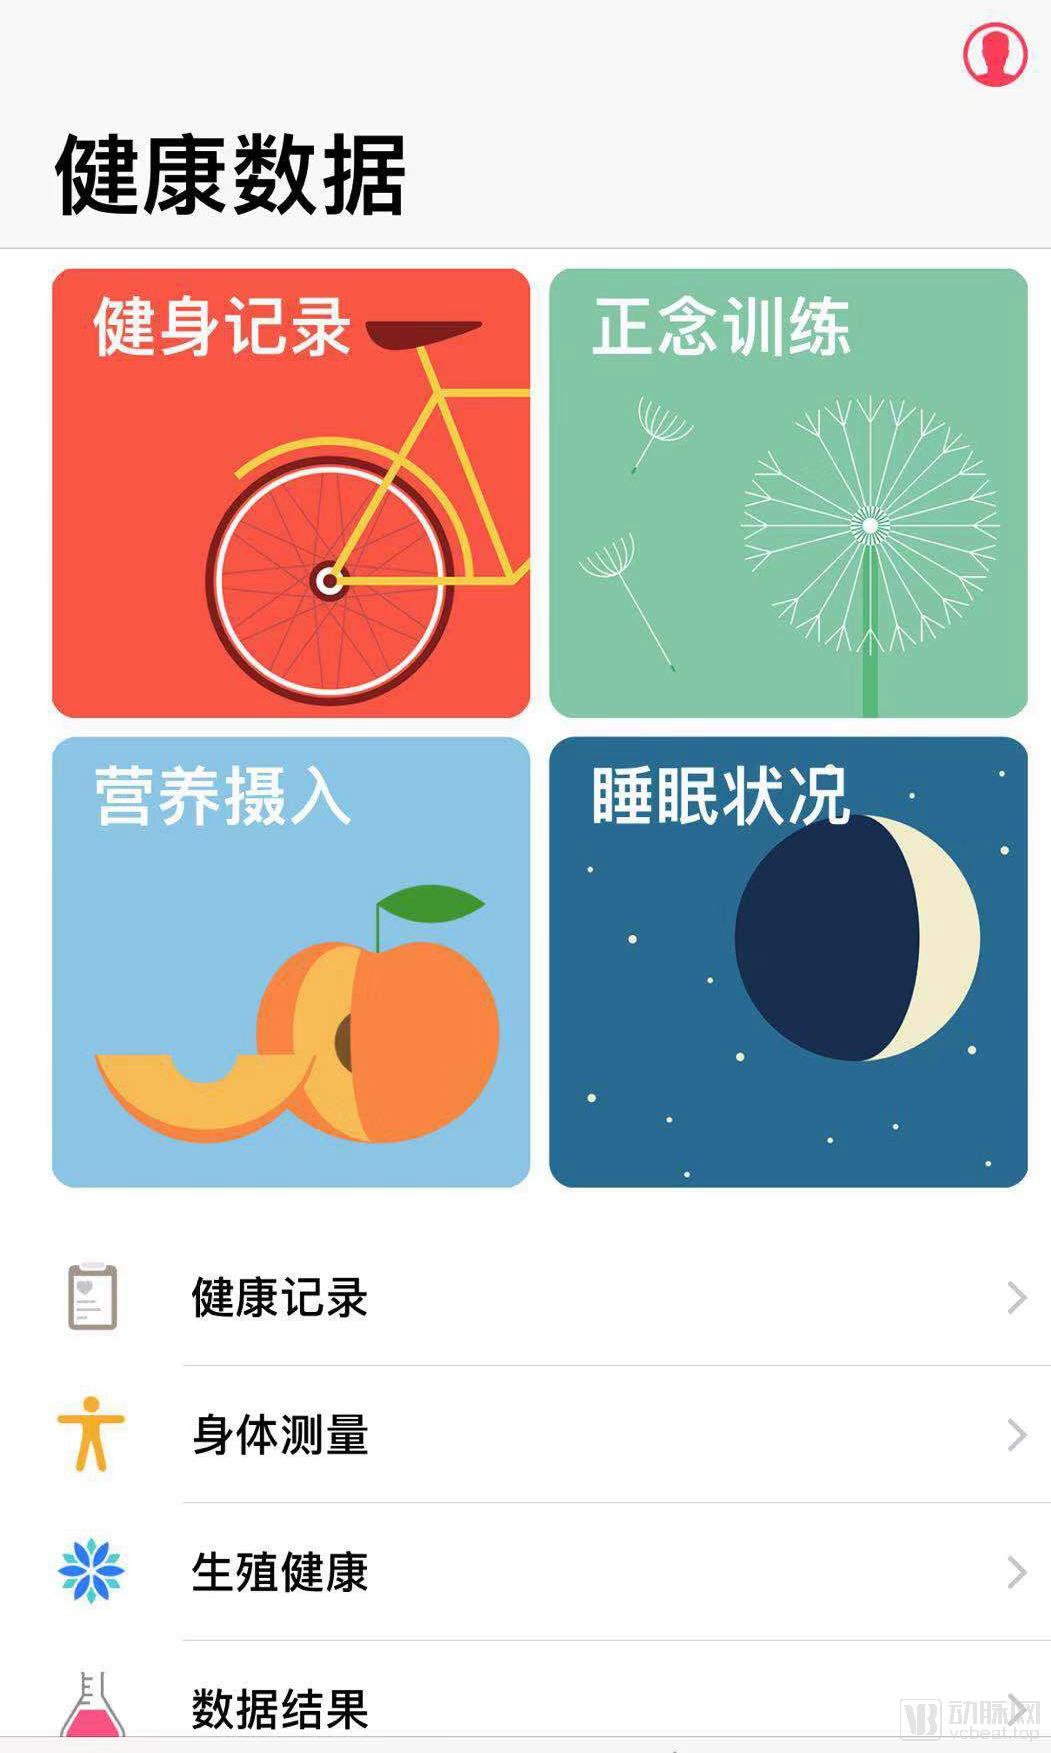 用户界面.jpg